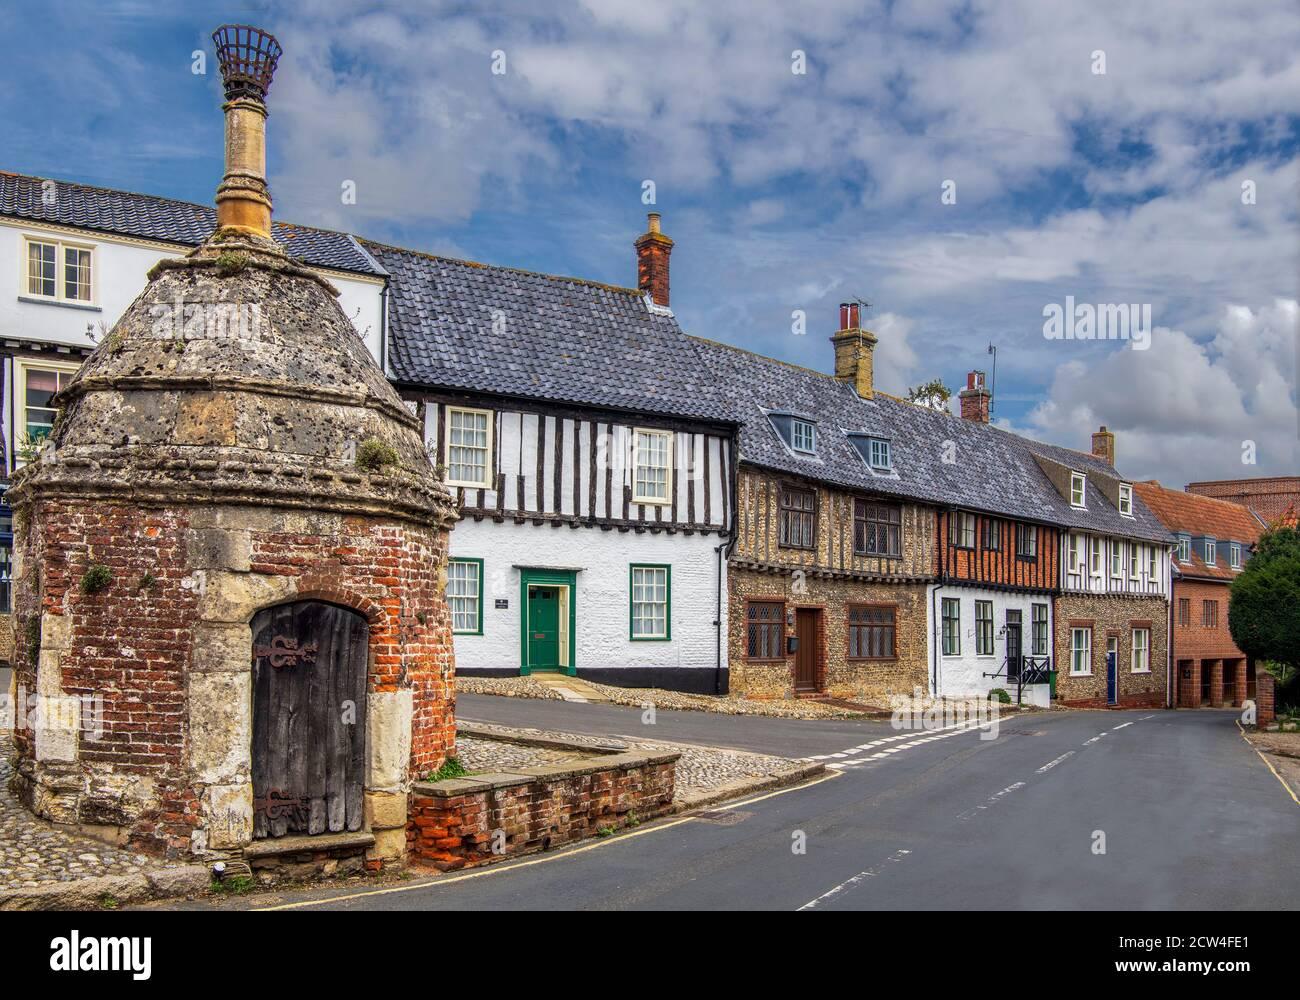 Maisons et ancien village pompe Common place Little Walsingham Village Norfolk, Angleterre Banque D'Images